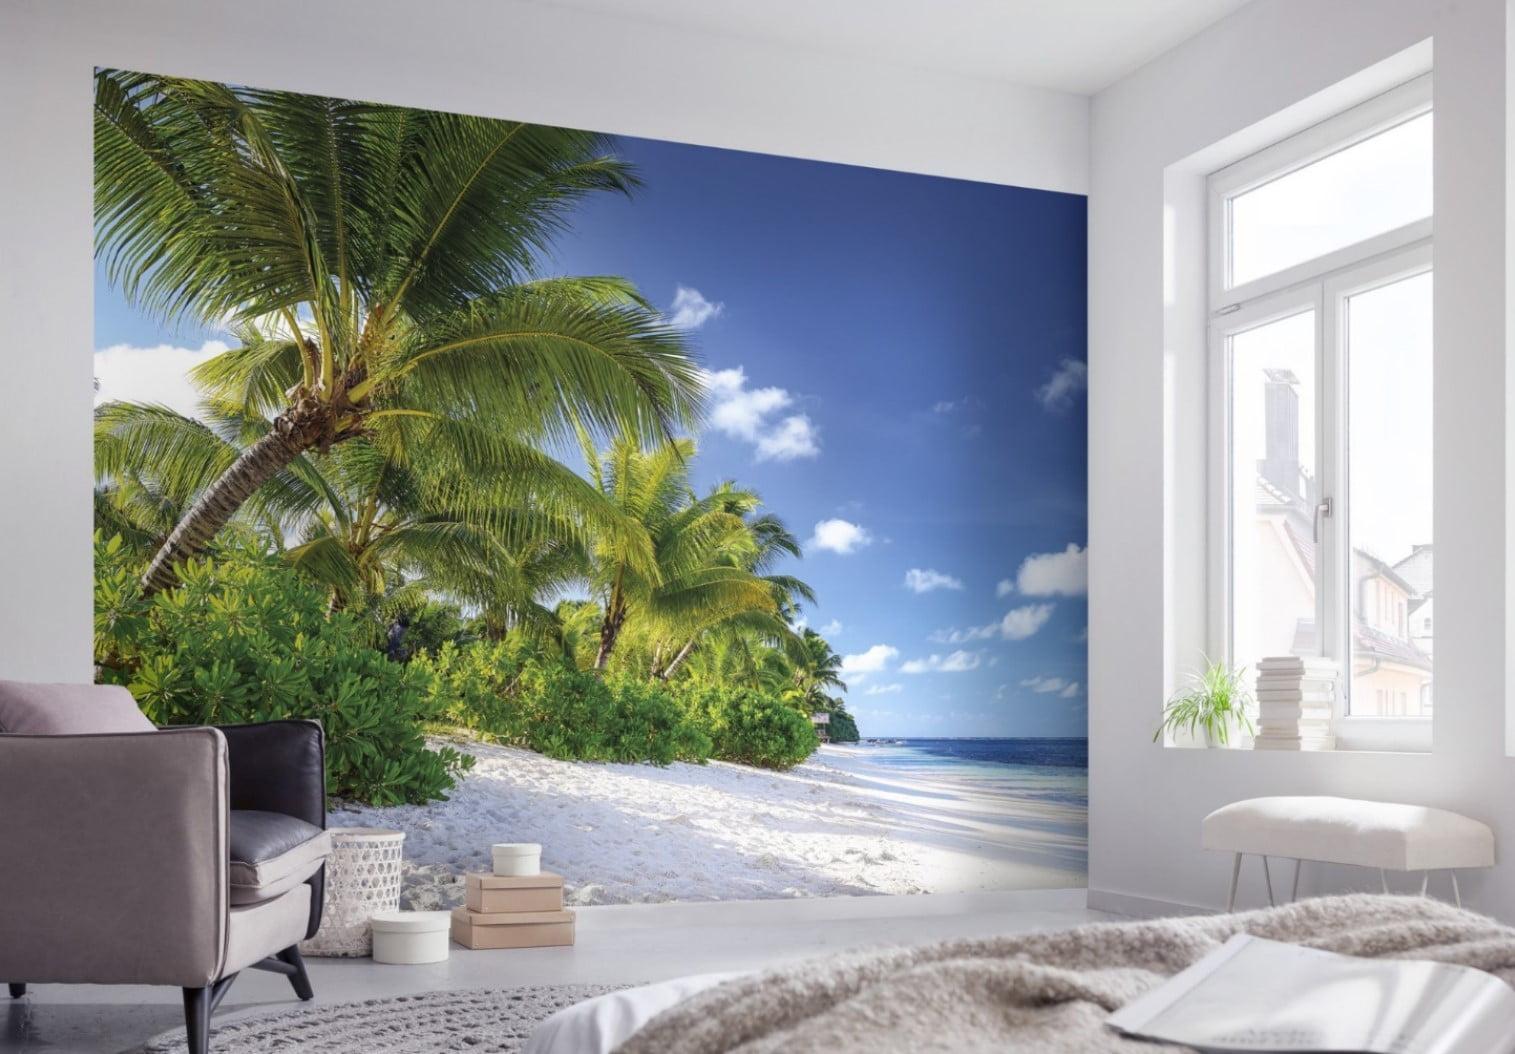 Yatak odası duvar kağıdı nasıl seçilir?